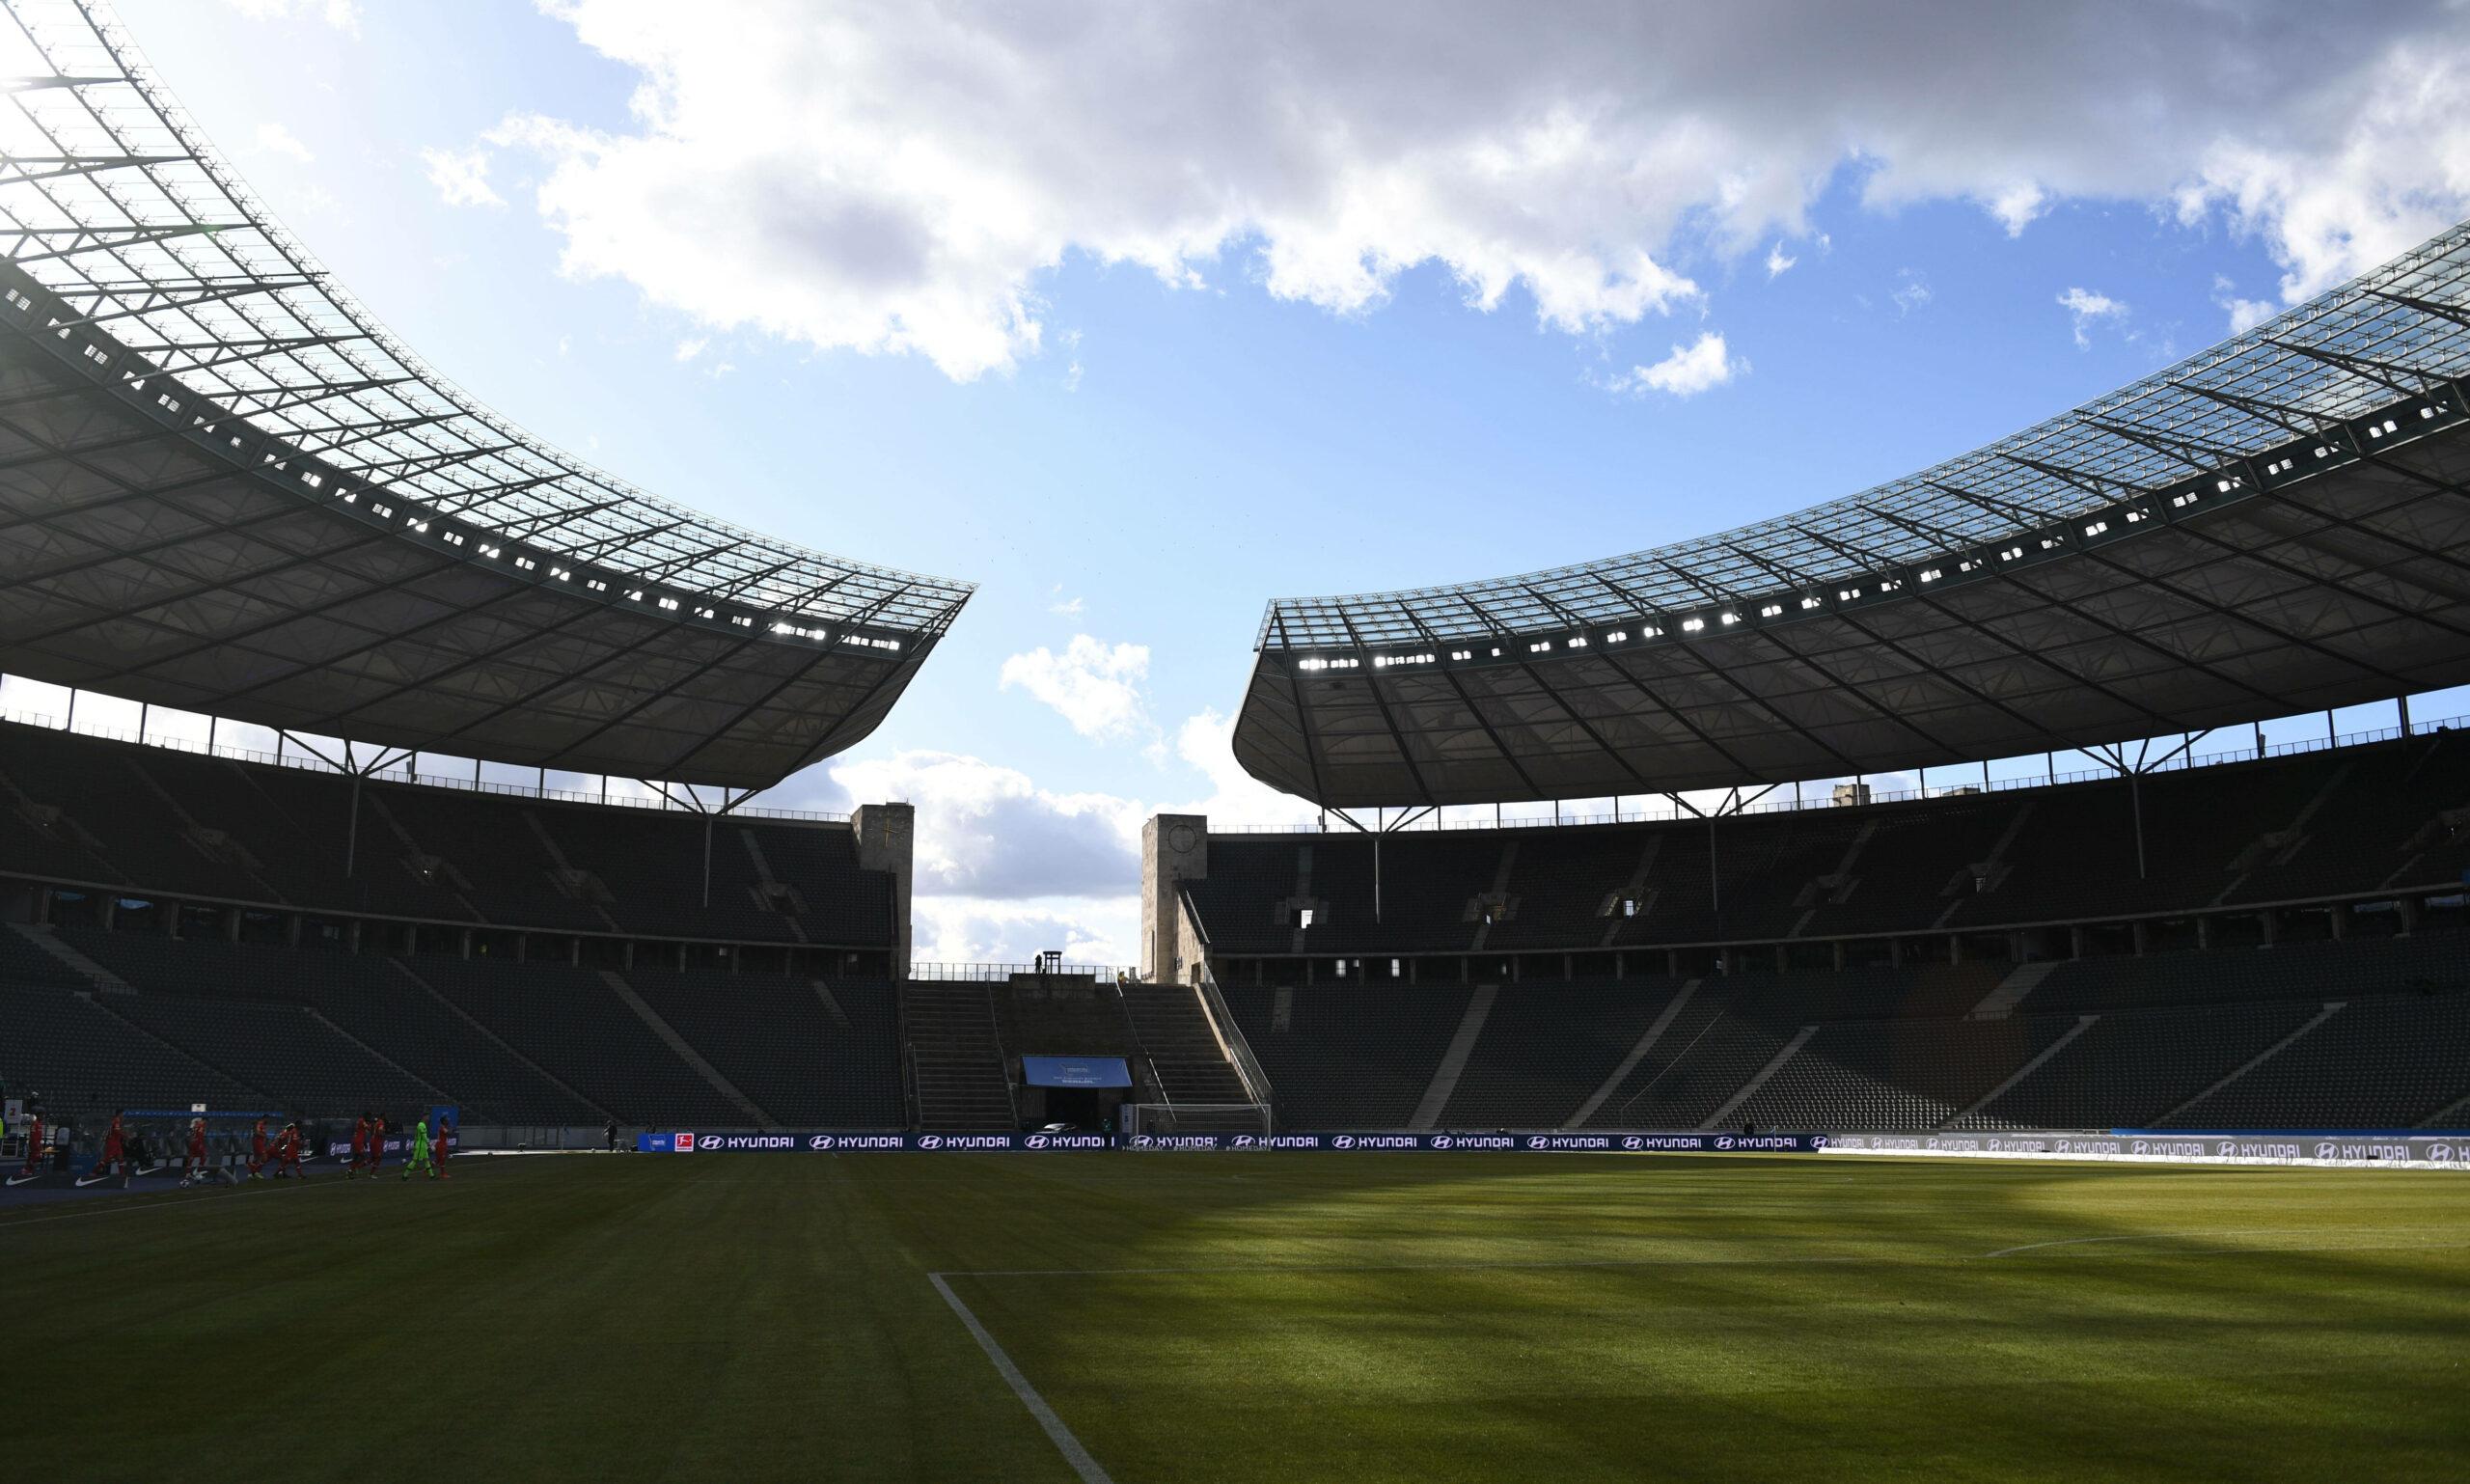 Olympiastadion Berlin (Spielstätte von Hertha BSC)